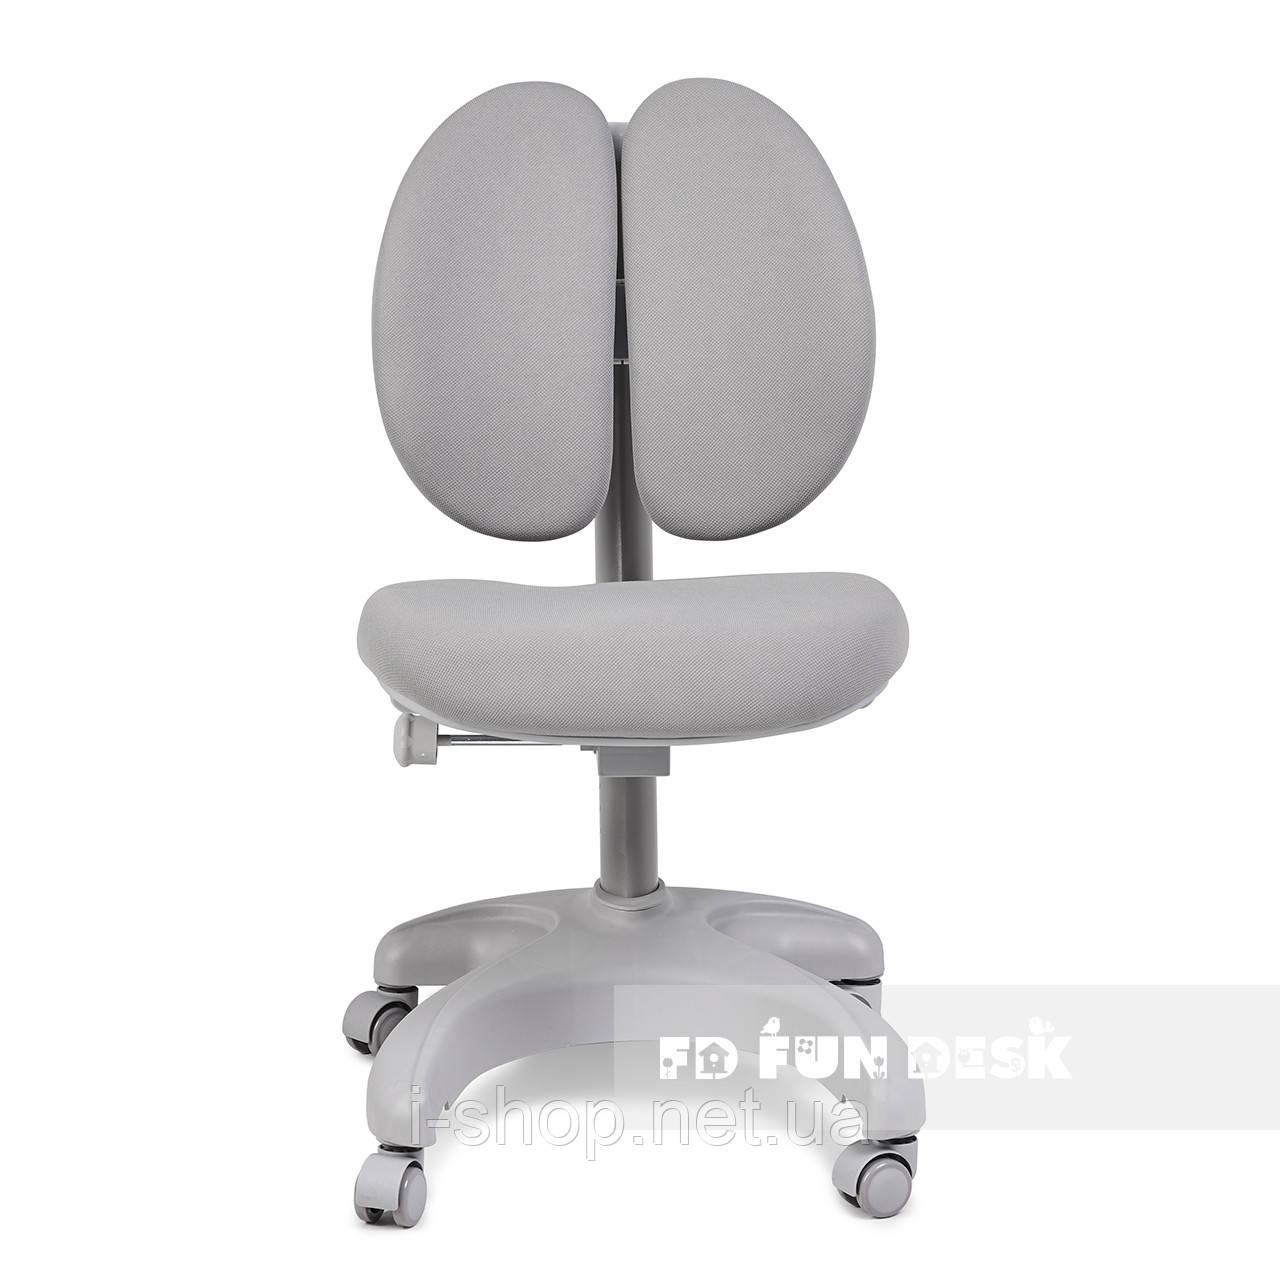 Детское эргономичное кресло FunDesk Solerte Grey